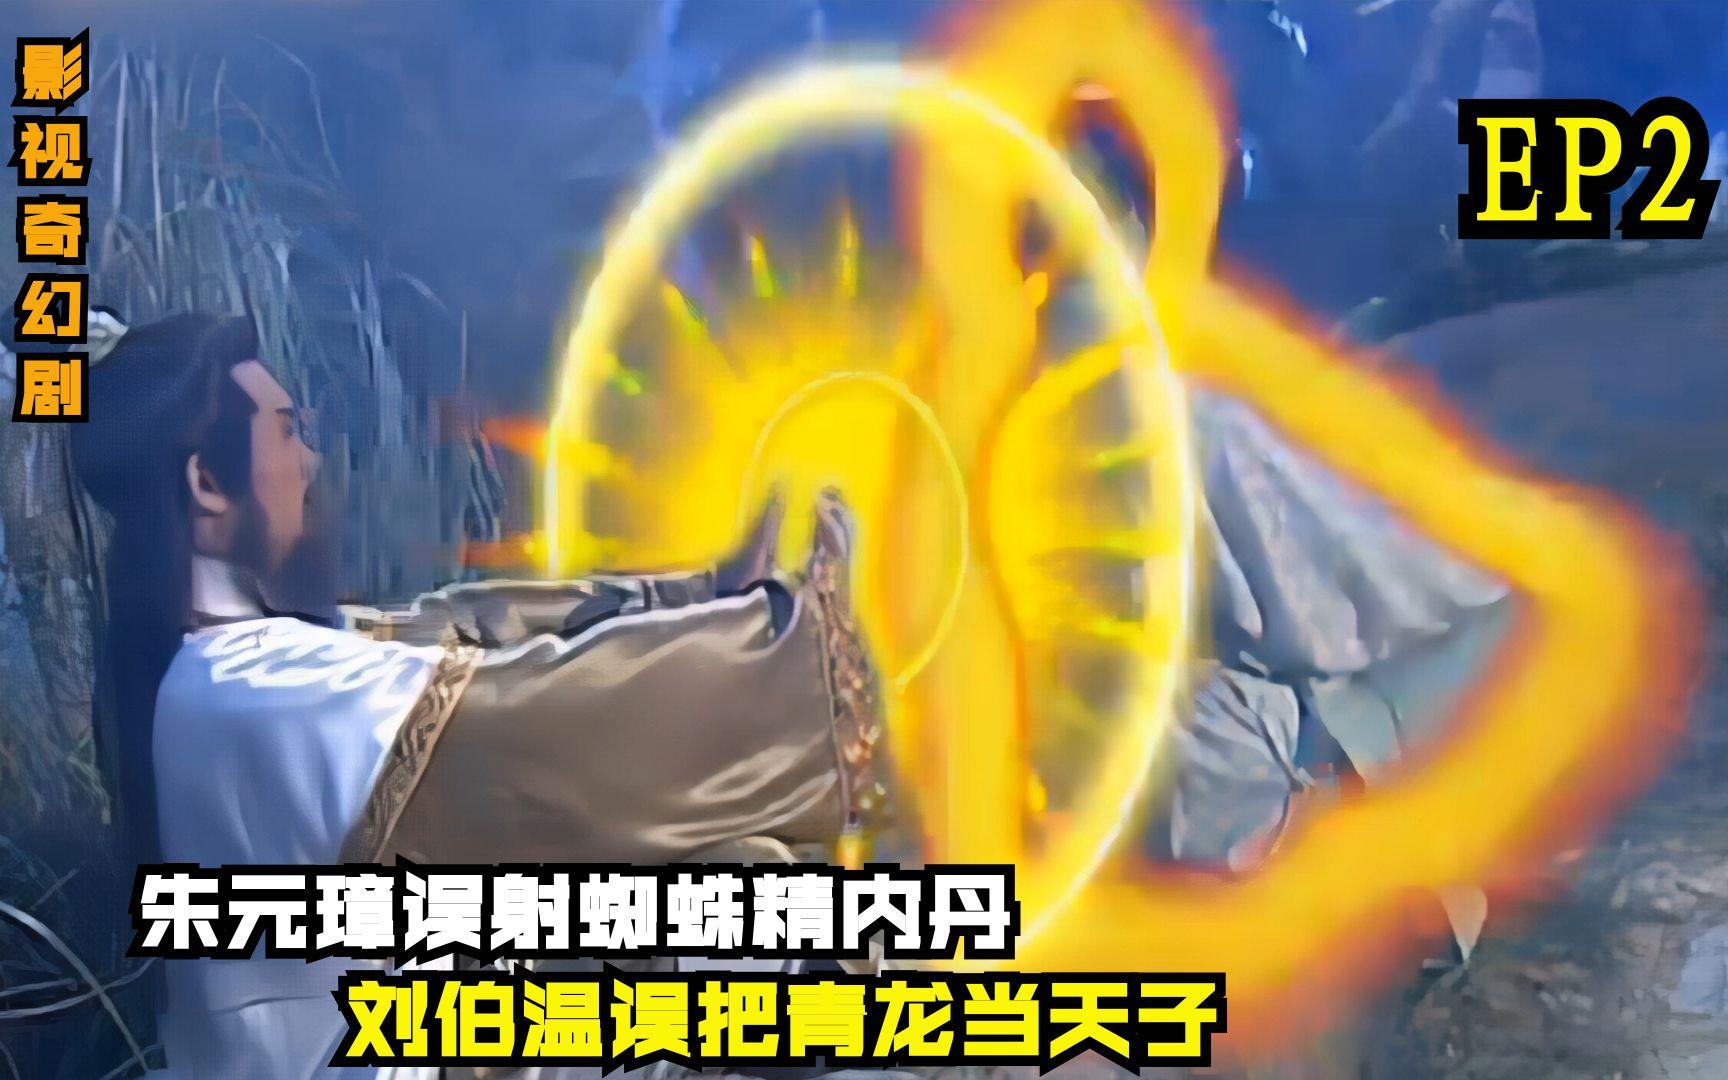 朱元璋误射蜘蛛精内丹,刘伯温错把青龙当天子,影视奇幻剧  EP2